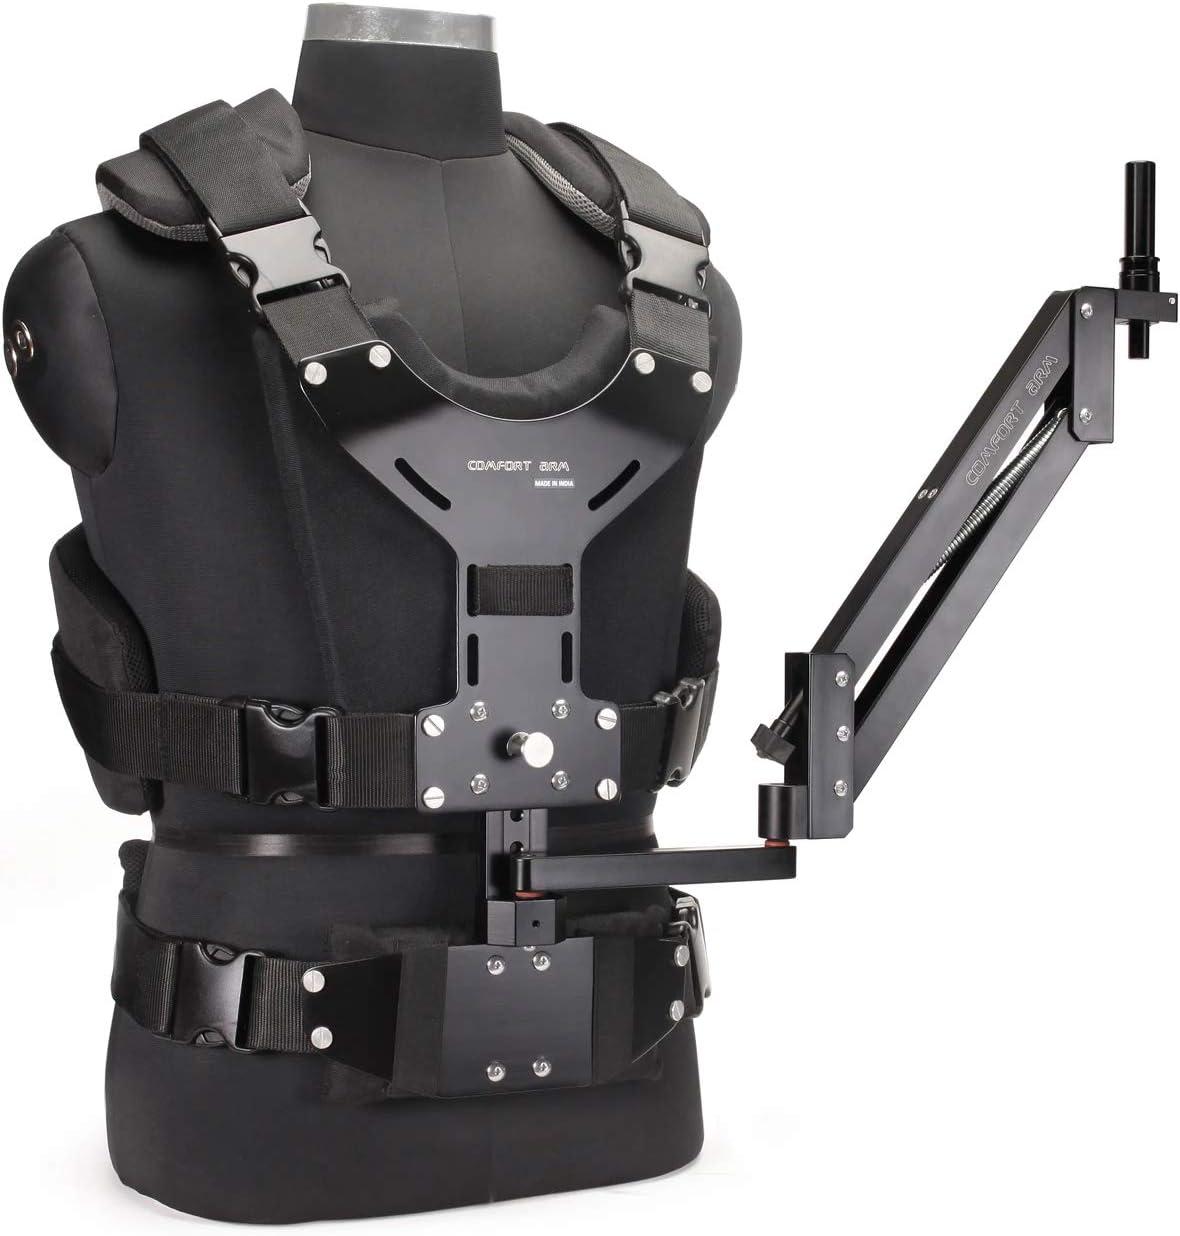 FLYCAM Confort brazo y chaleco de para Flycam 5000/3000/DSLR Nano Handheld Video Steadycam Estabilizador de cámara de hasta 5kg  (cmft-av)